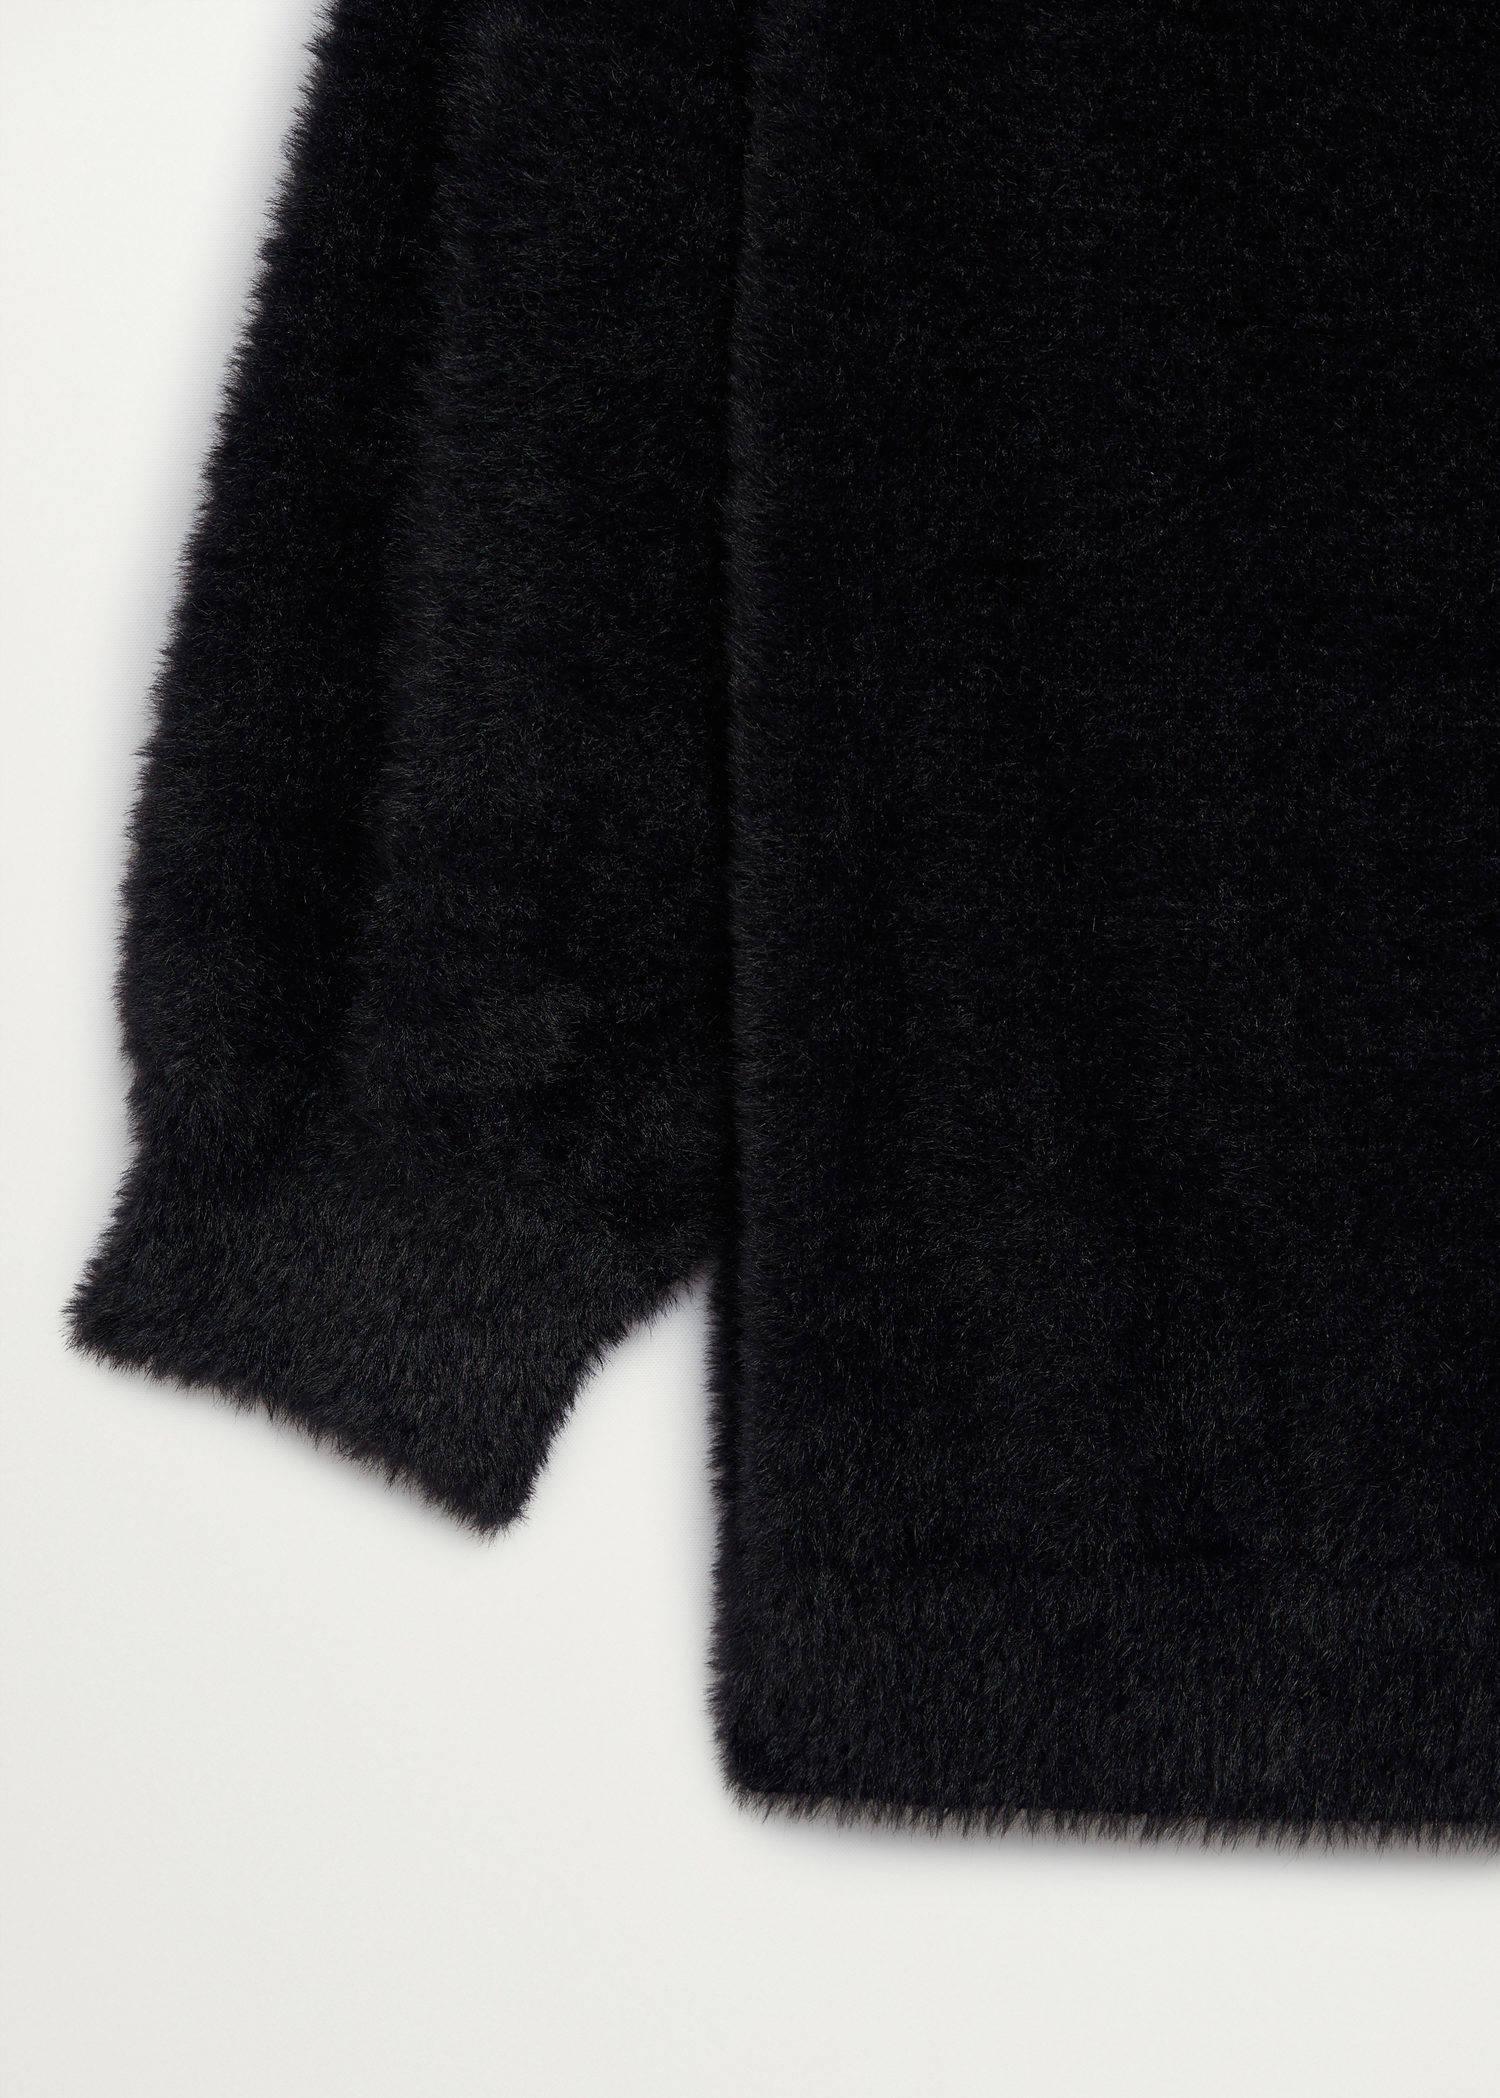 Mango gebreide imitatiebont trui zwart | wehkamp